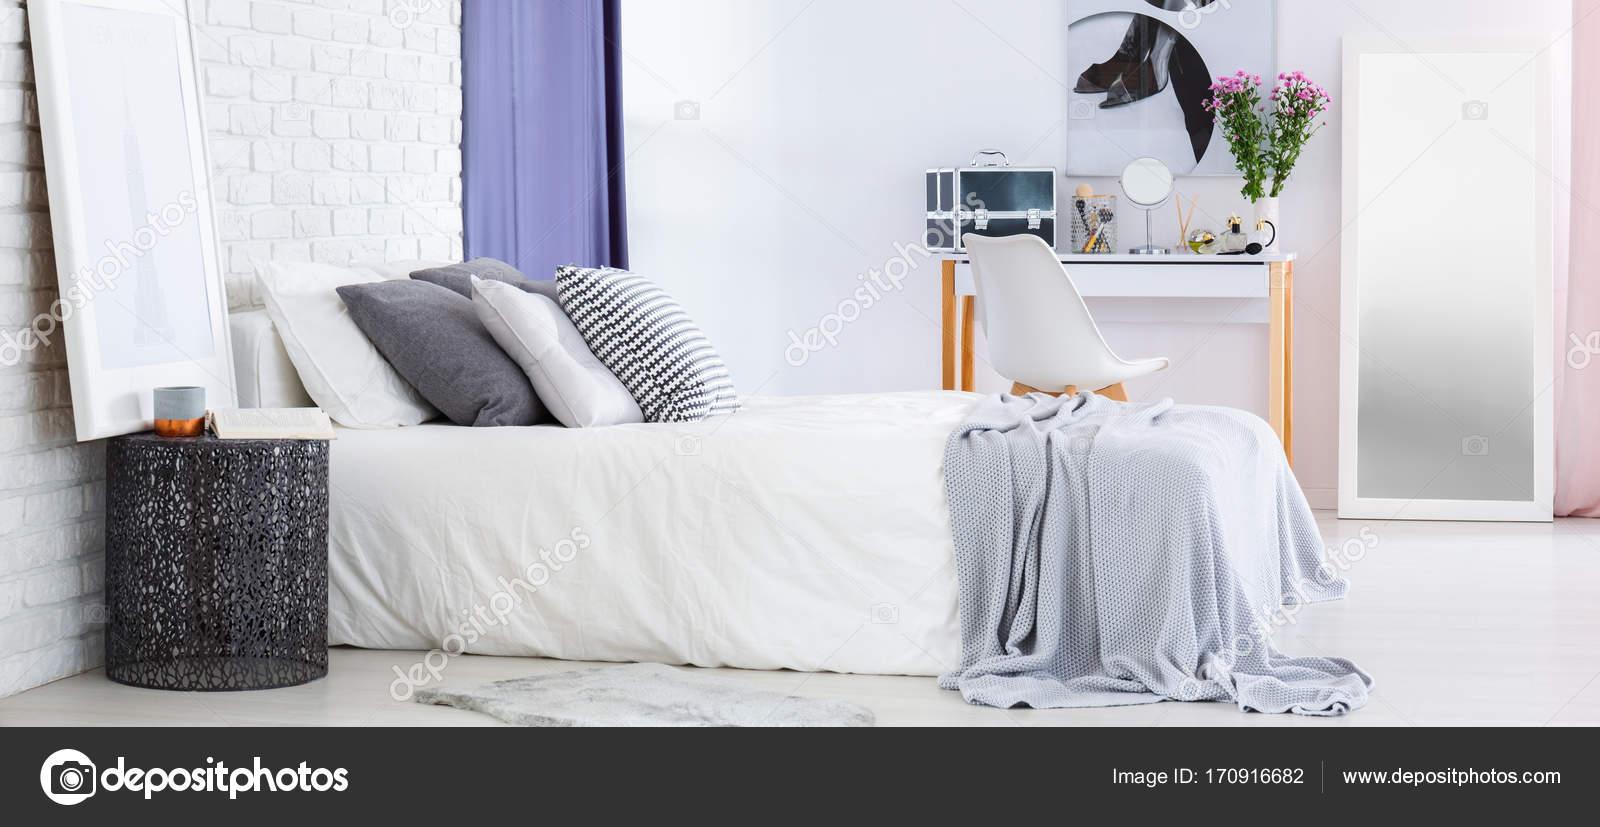 Schminktisch im Schlafzimmer — Stockfoto © photographee.eu #170916682